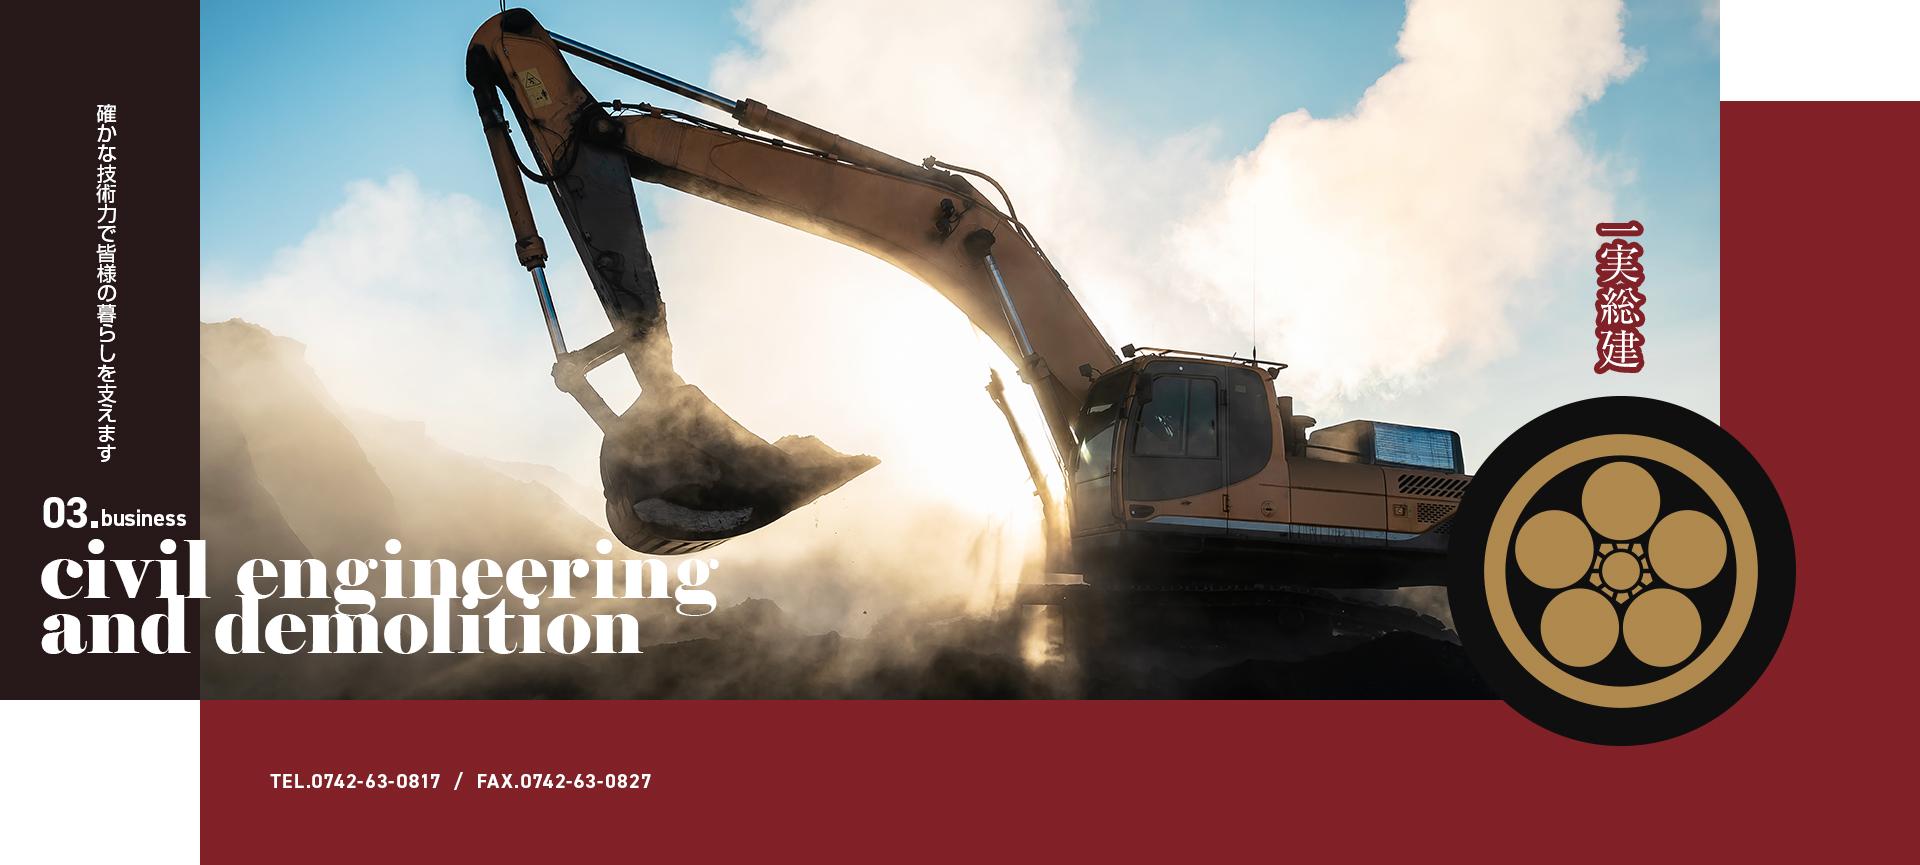 一実総建 確かな技術力で皆様の暮らしを支えます 03.business civil engineering and demolition TEL:0742-63-0817 FAX:0742-63-0827